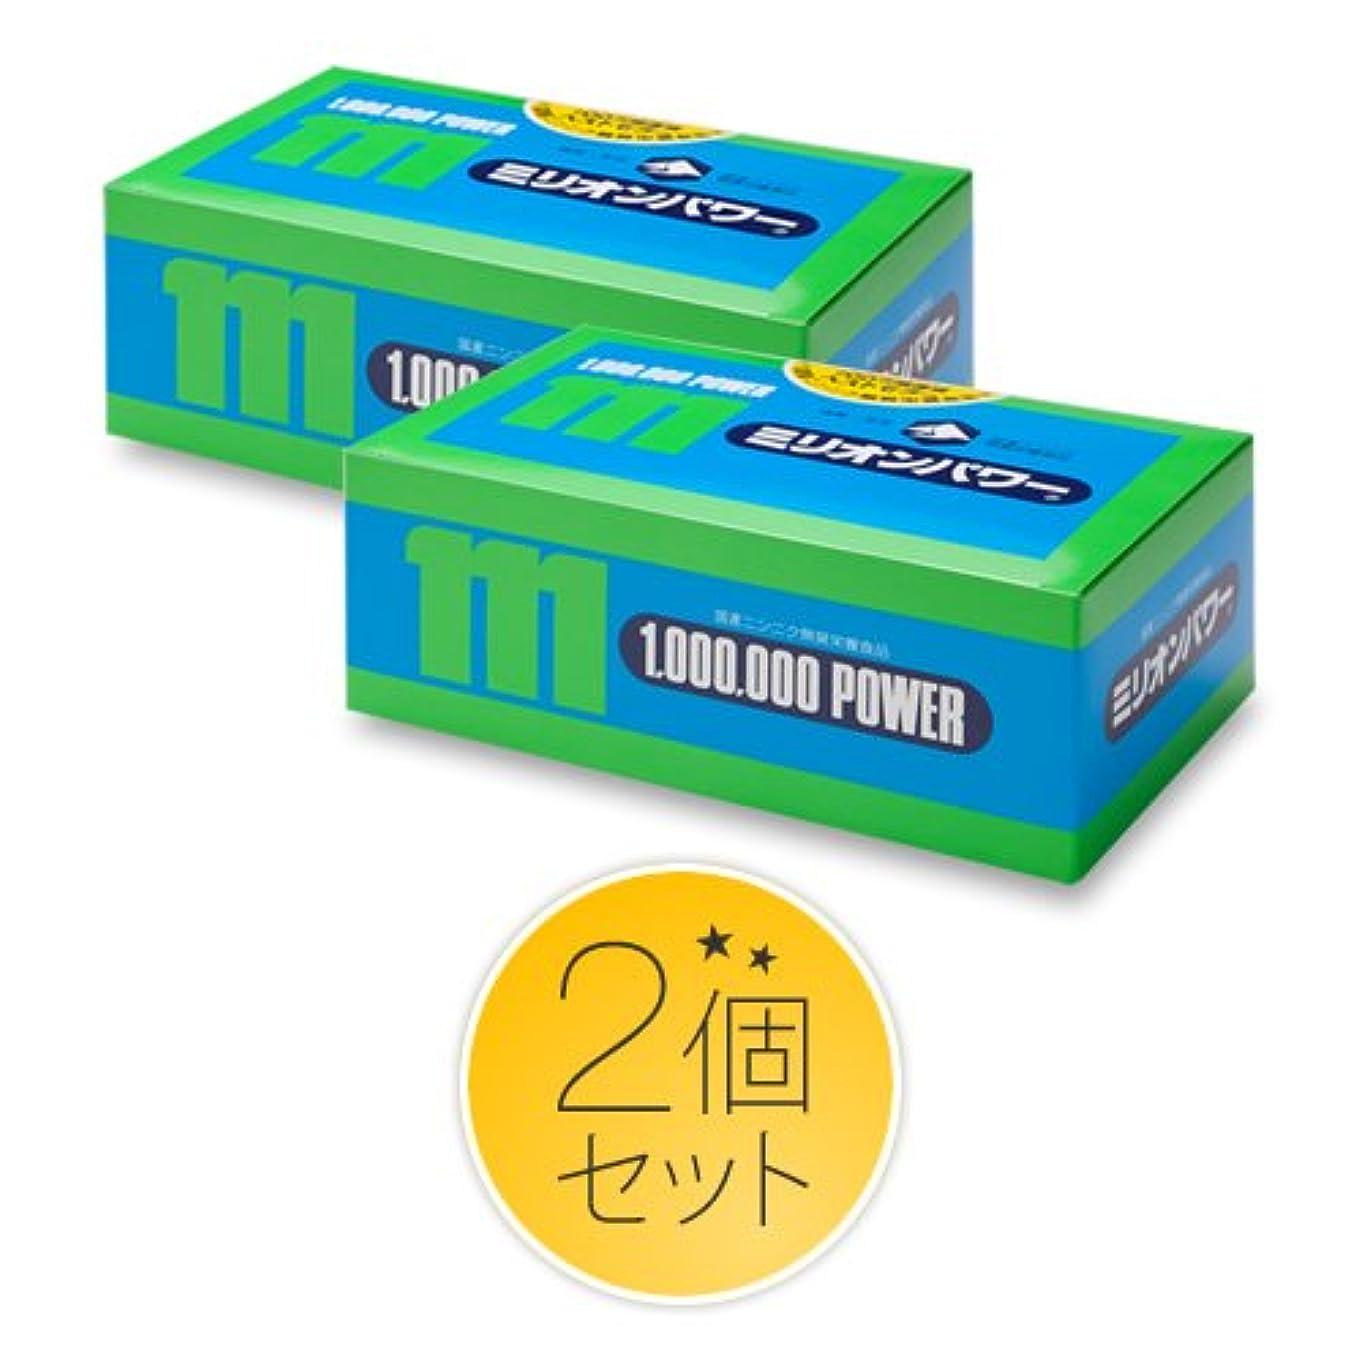 ロバみすぼらしいのためにミリオンパワー2箱セット【期間限定】EPA高配合 さらさら青魚プレゼント